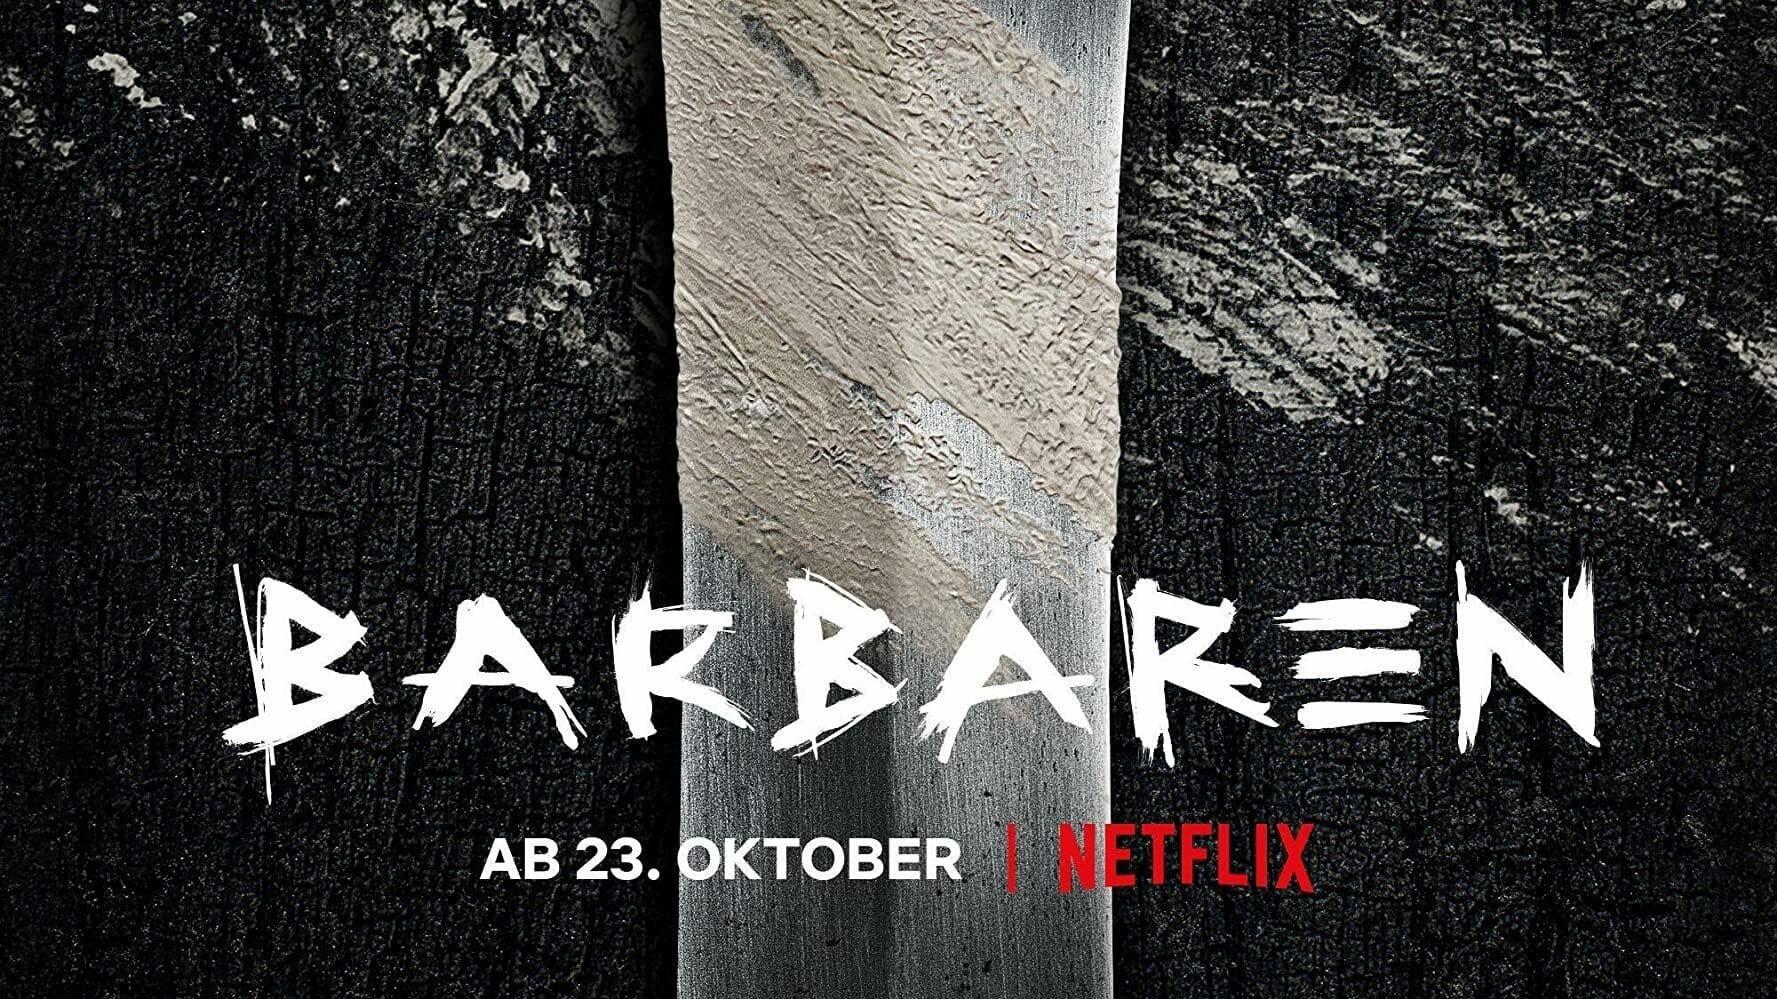 Barbárok – Megéri megnézni a Netflix történelmi sorozatát. Ajánló